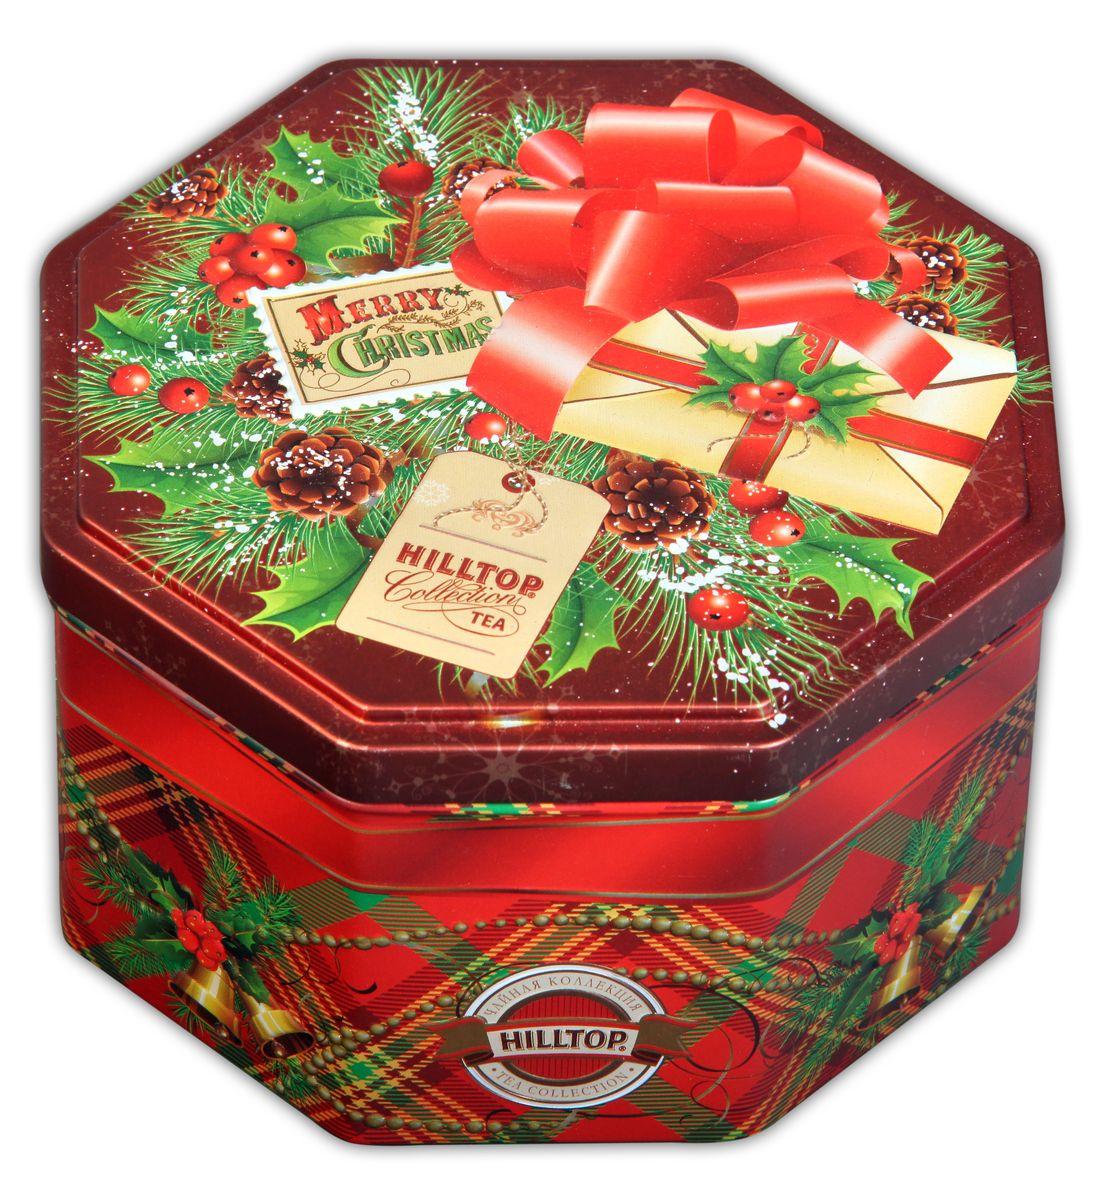 Hilltop С Рождеством Праздничный черный листовой чай, 150 г4607099303386Hilltop С Рождеством - крупнолистовой черный чай с цветами календулы и василька. Содержит сладкие цукаты манго и банана